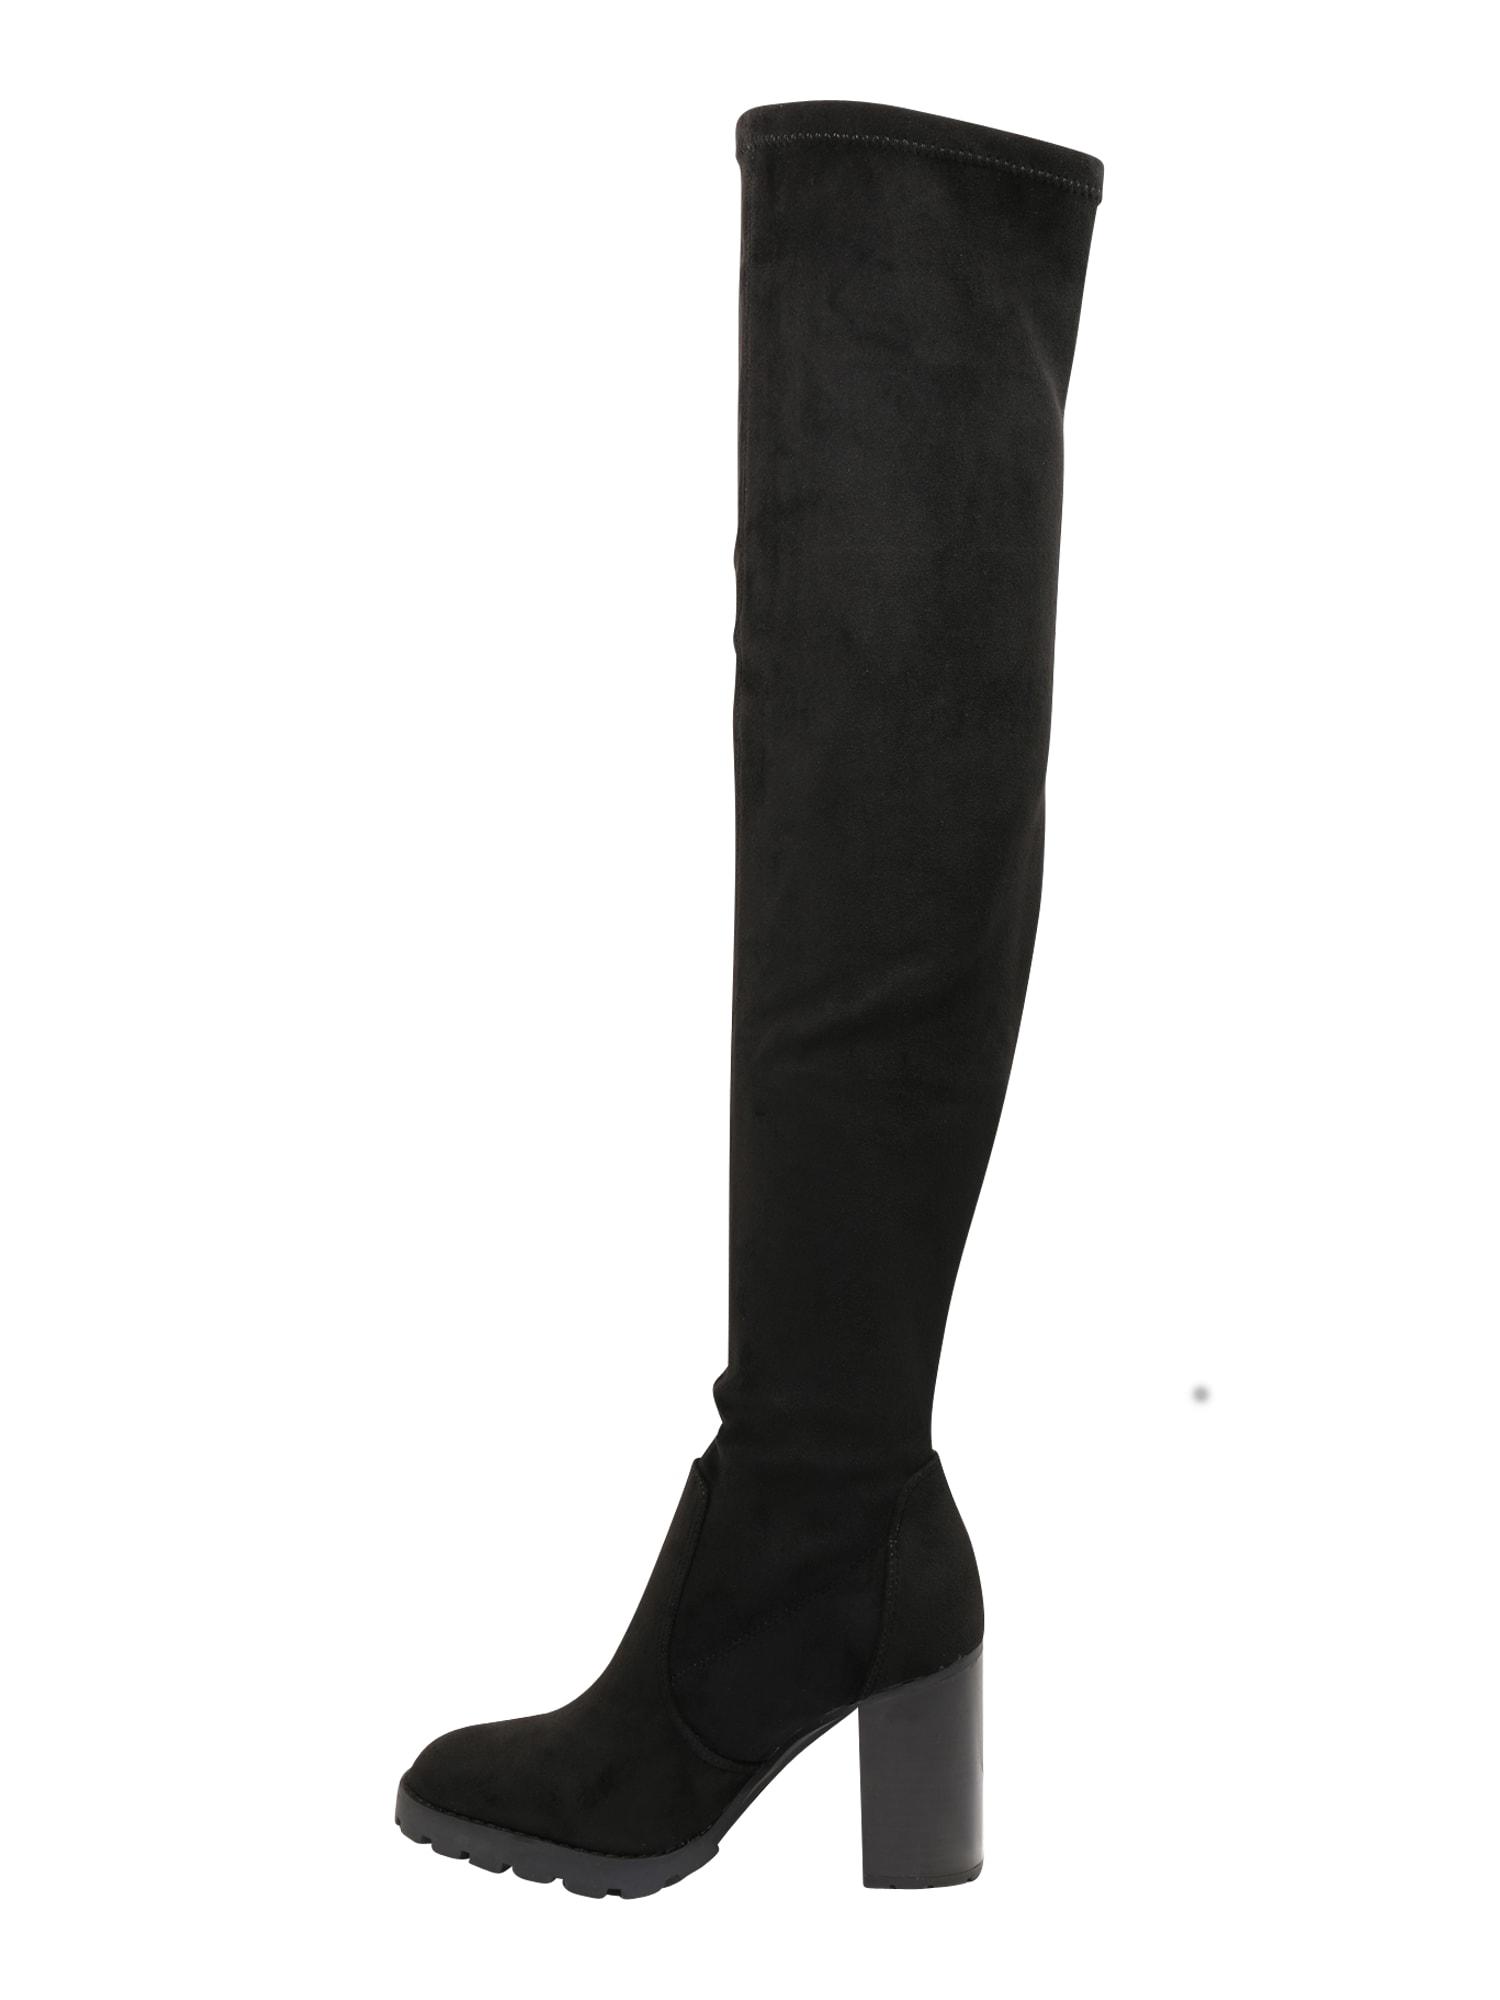 BUFFALO Ilgaauliai batai virš kelių juoda